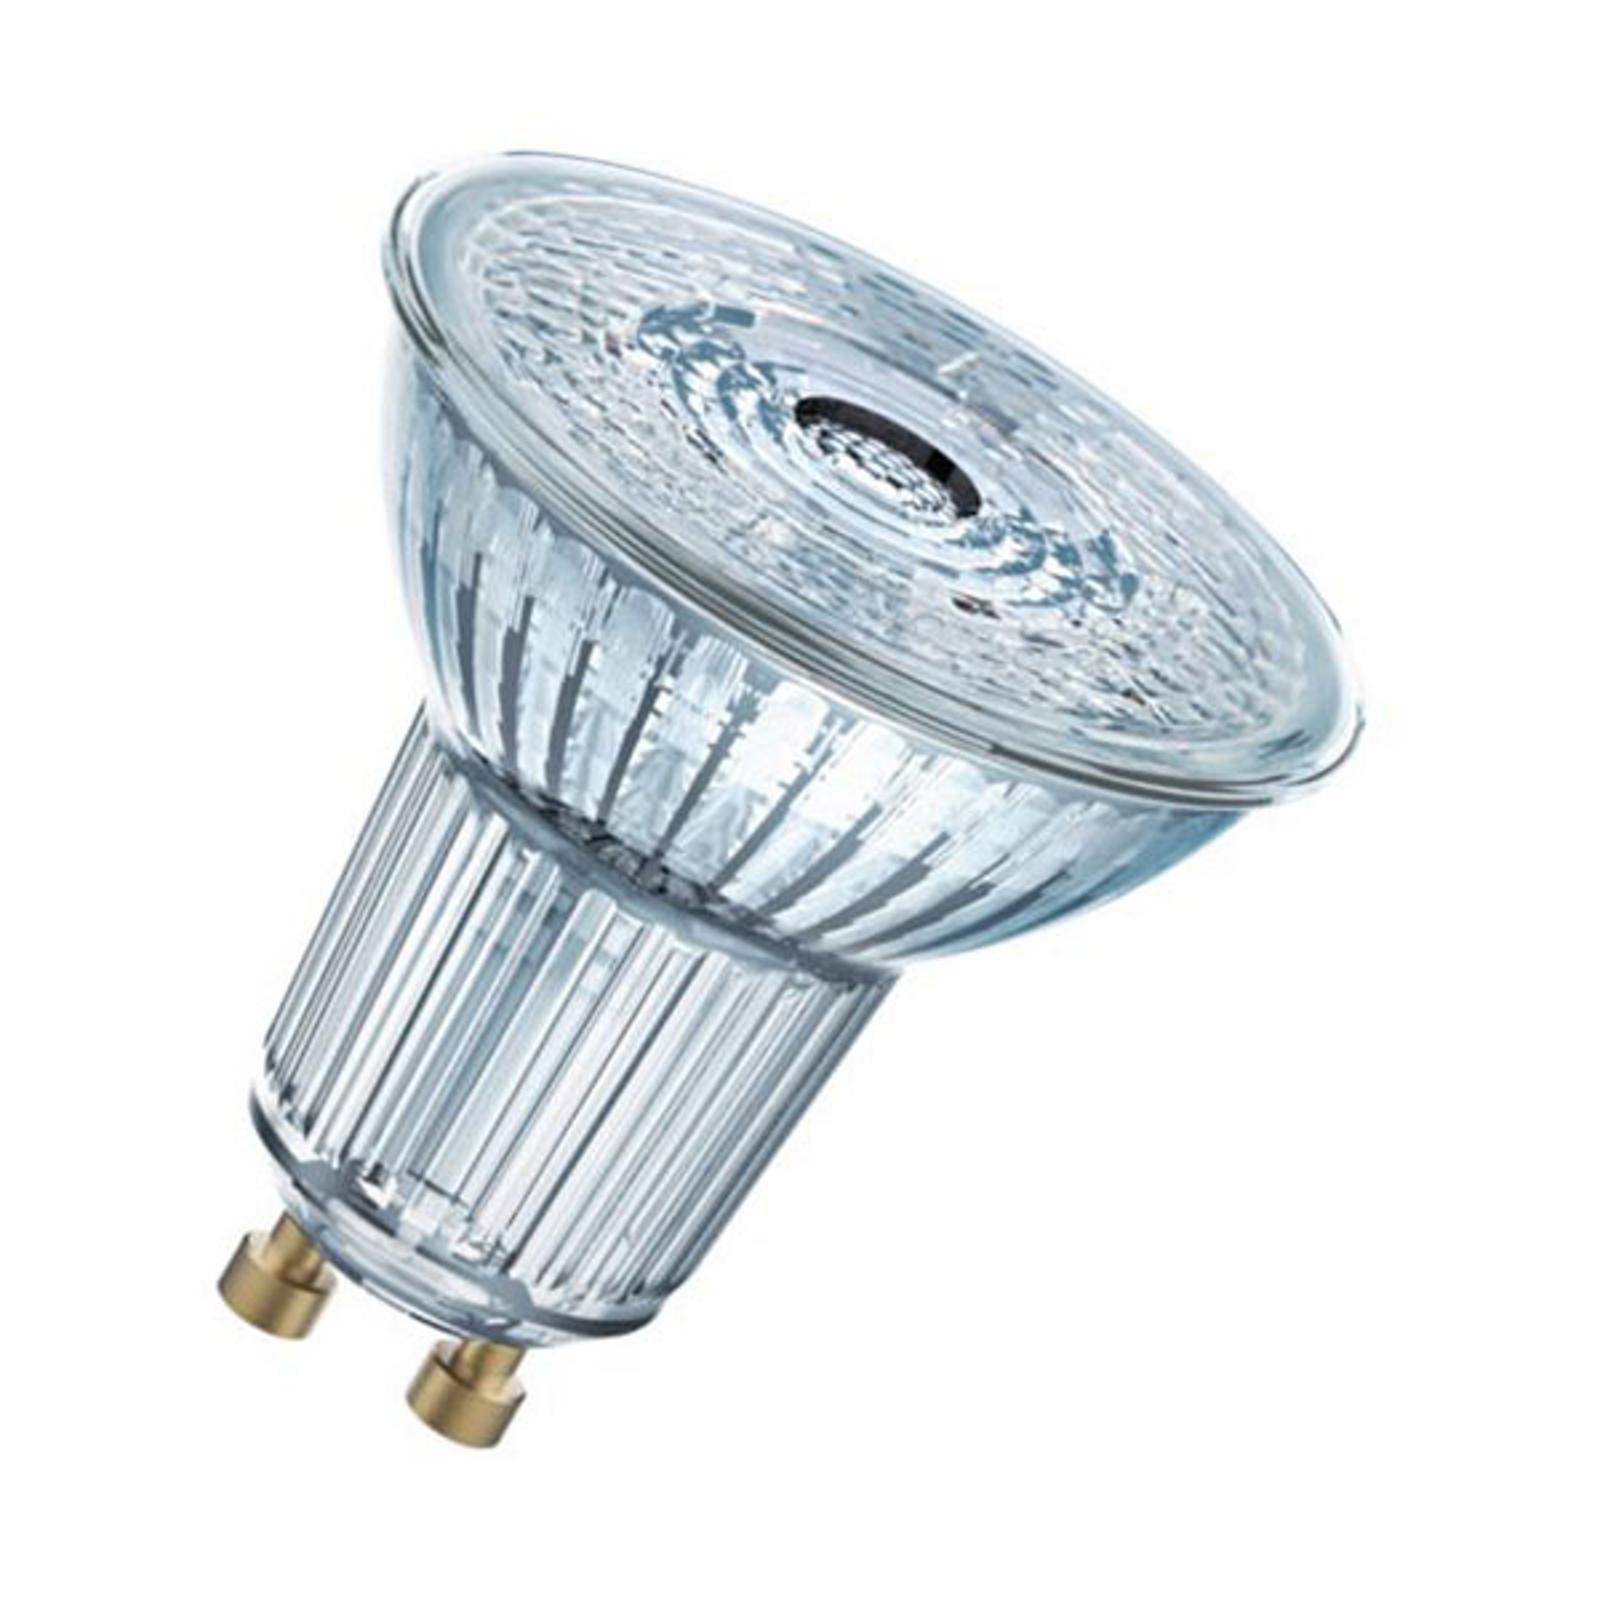 OSRAM reflektor LED GU10 2,6W PAR16 827 36° 3 szt.